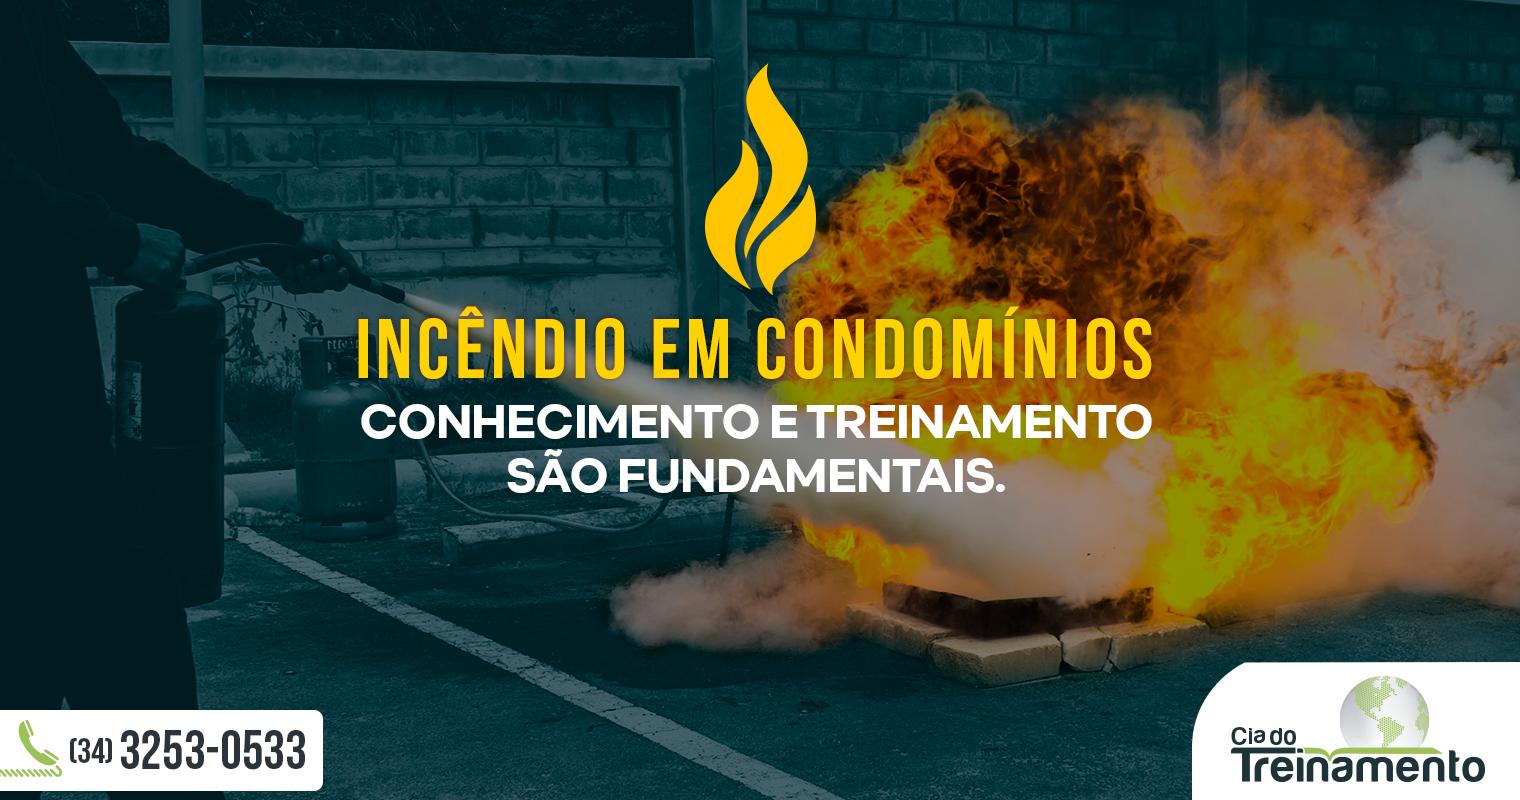 Incêndio em condomínios: Conhecimento e treinamento são fundamentais